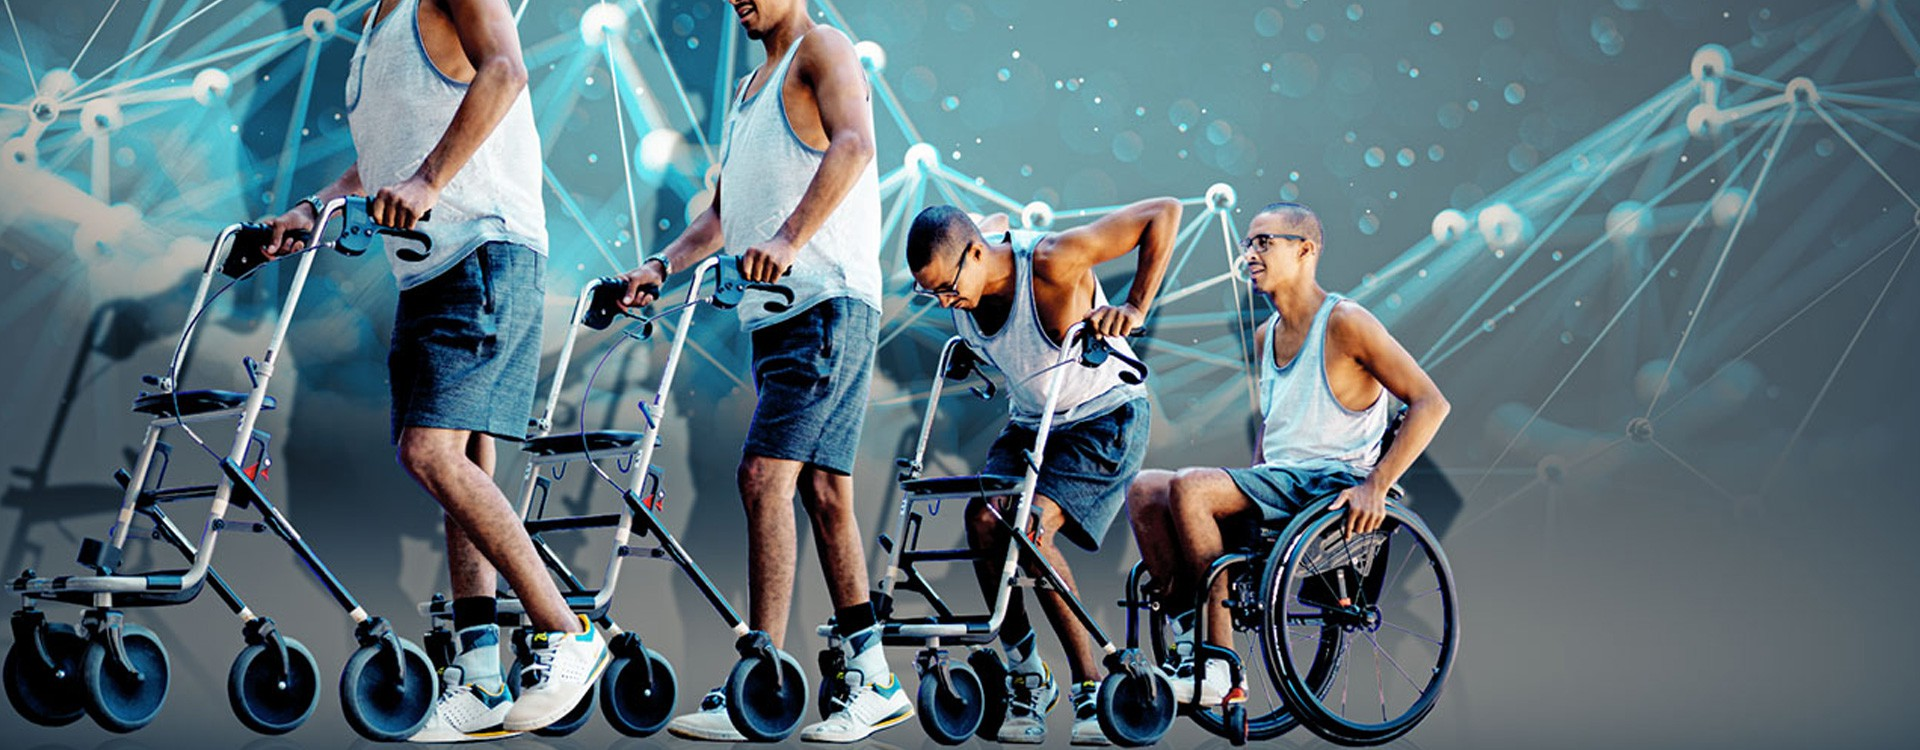 انواع وسایل کمک حرکتی برای معلولان و بیماران حرکتی